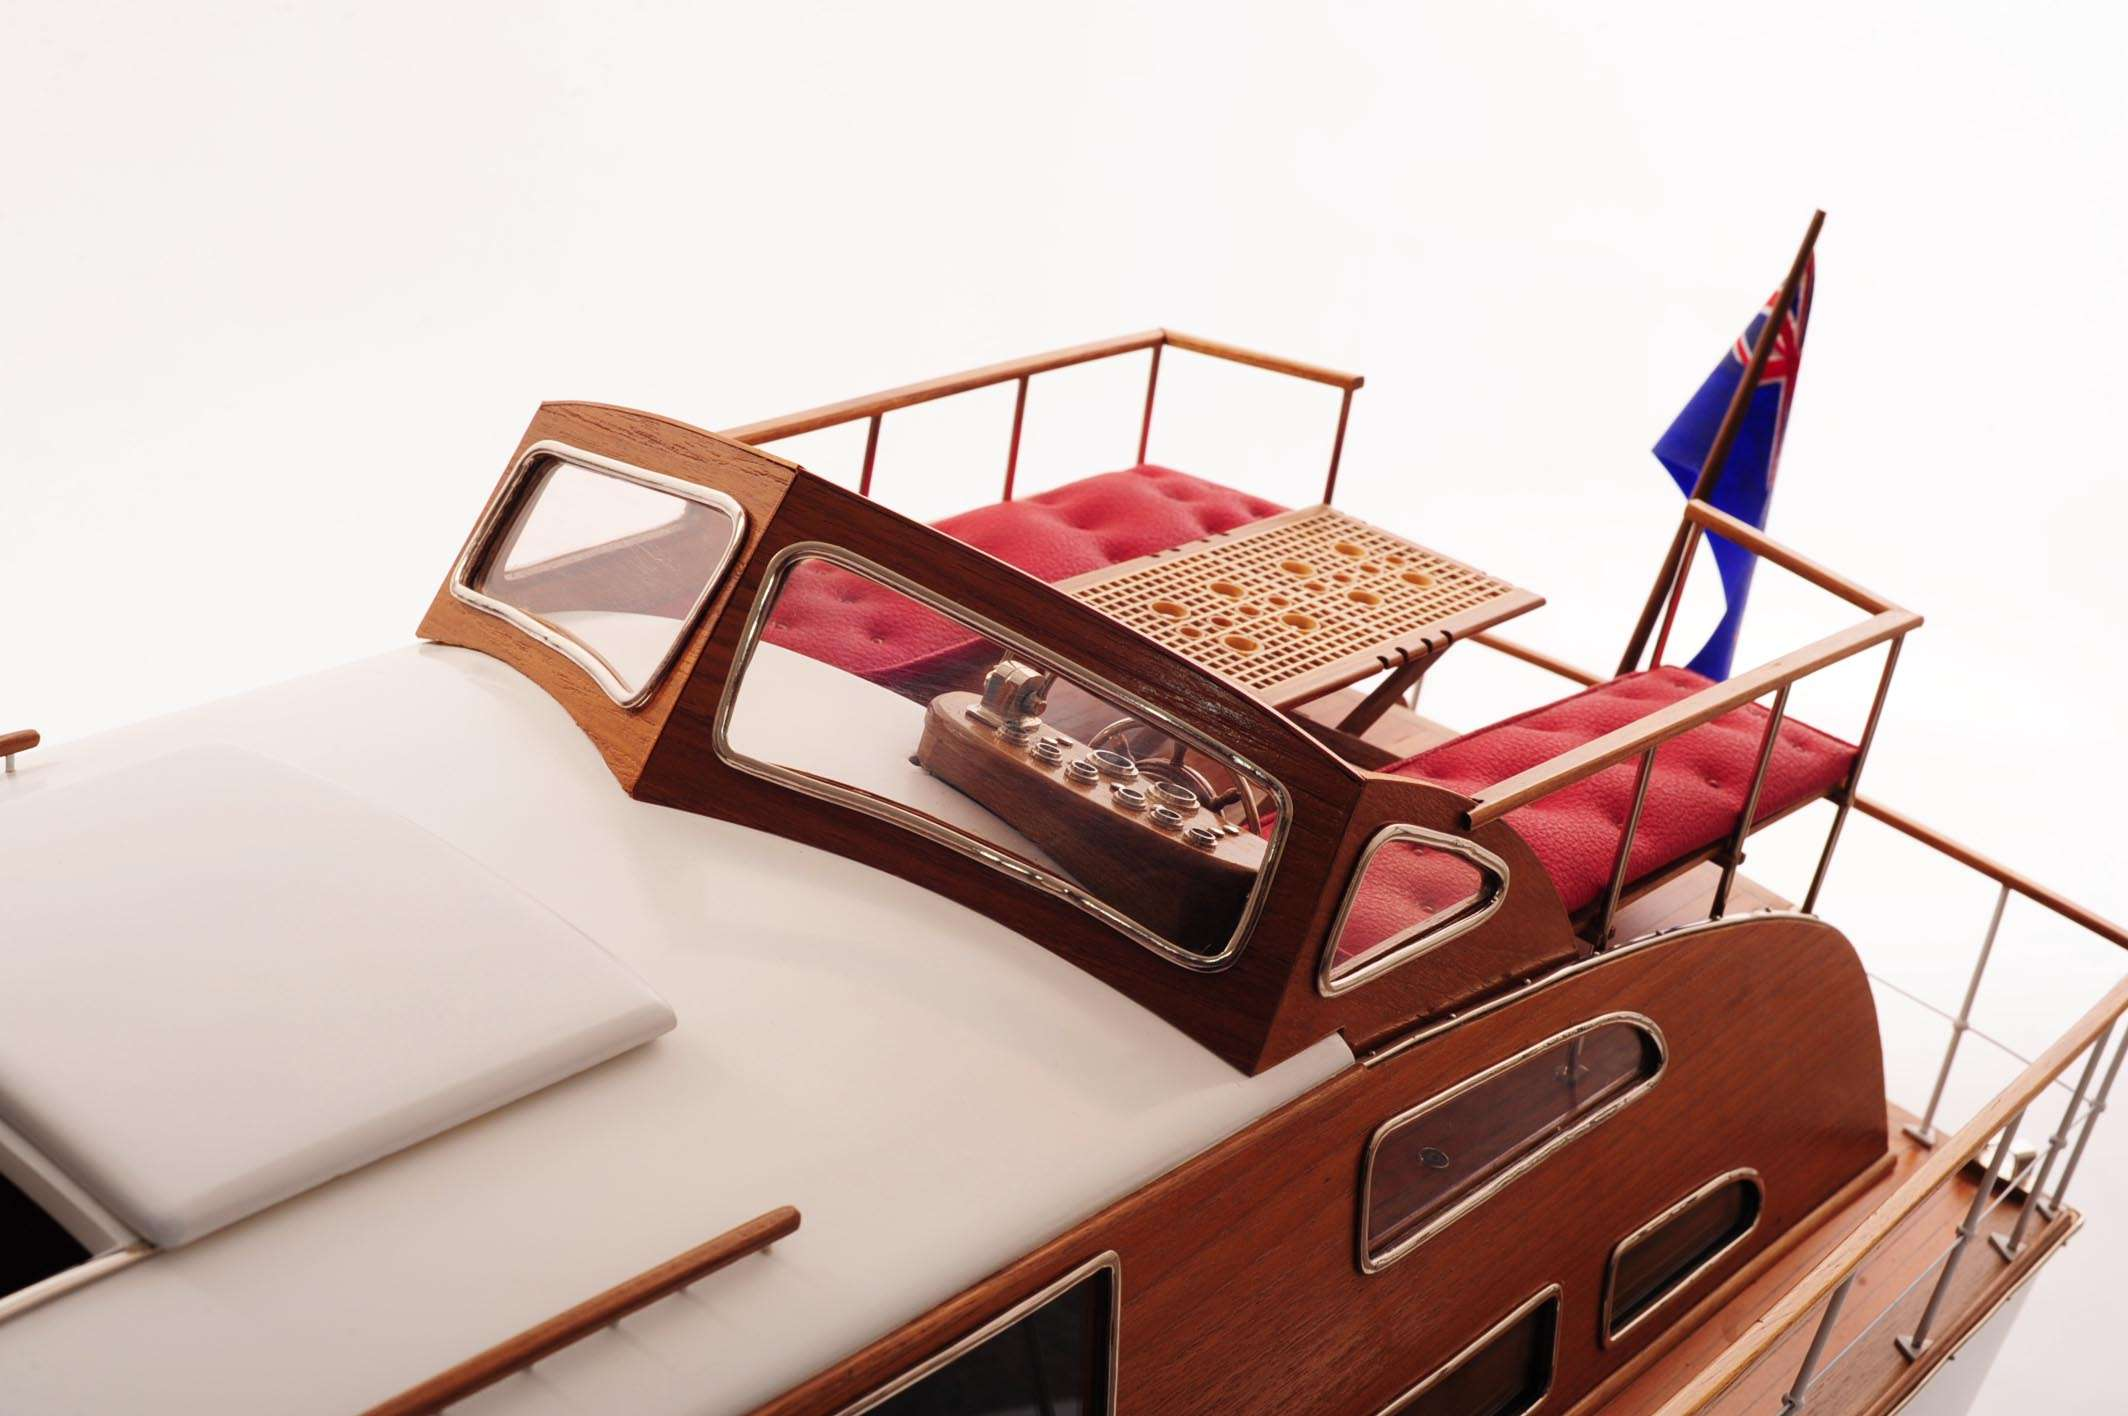 1473-4400-Starcraft-40-Model-Boat-Rajdhani